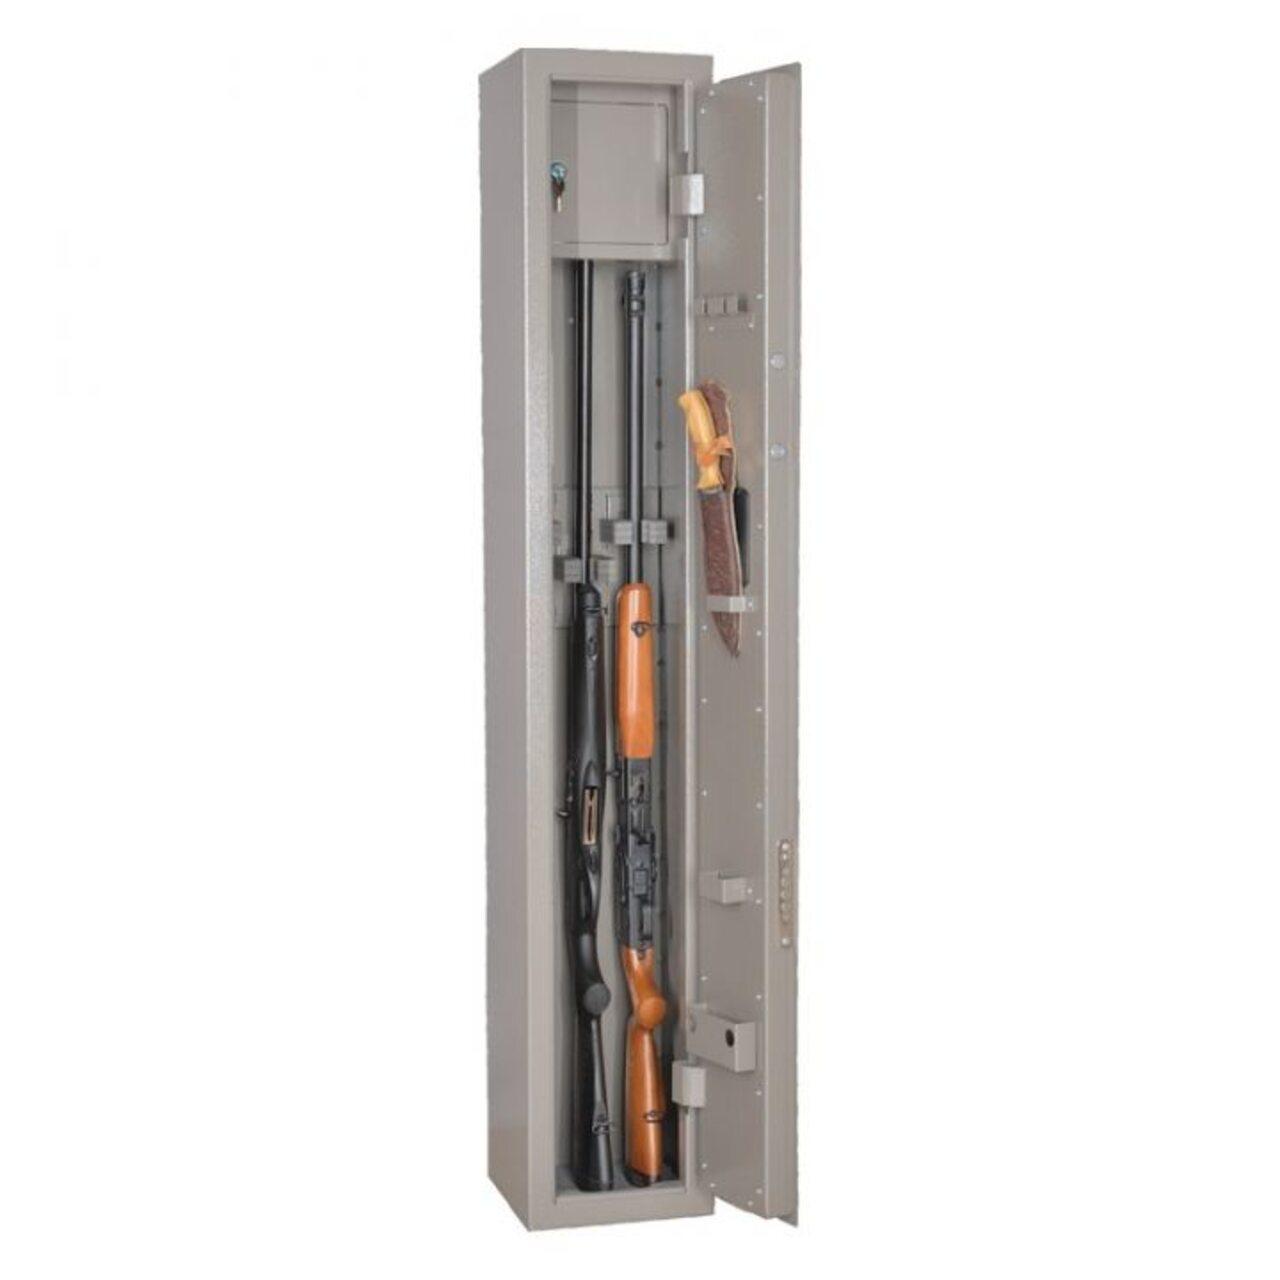 Шкаф оружейный ОШ-33Э - фото 2